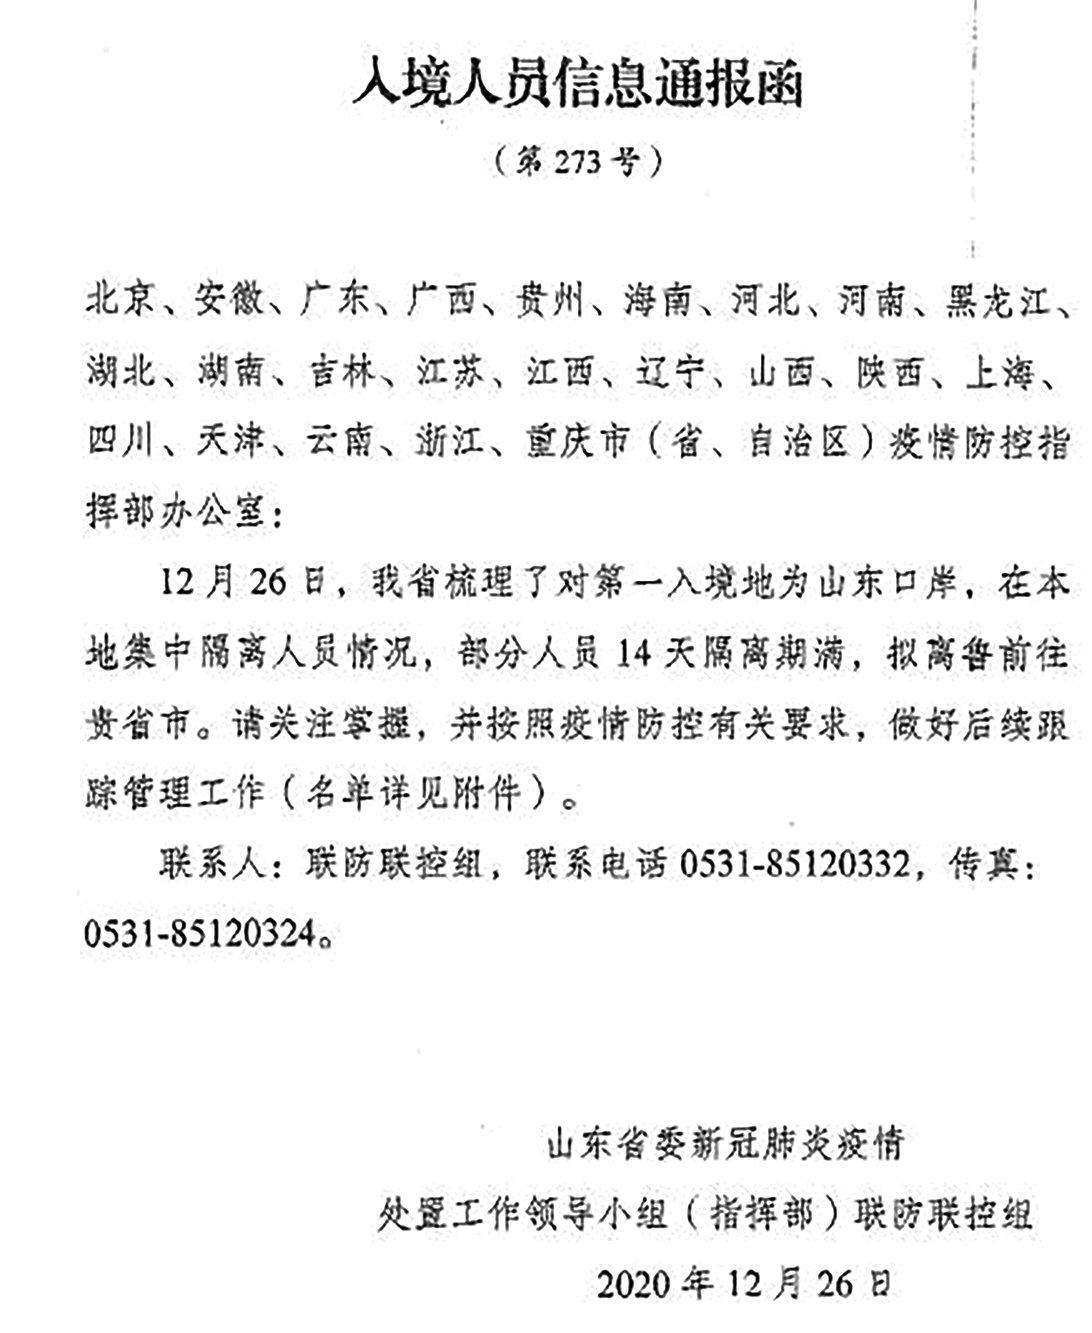 2020年12月26日,山東省防疫指揮部向北京、安徽、廣東、廣西等地政府發出《入境人員信息通報函》。圖為文件截圖。(大紀元)